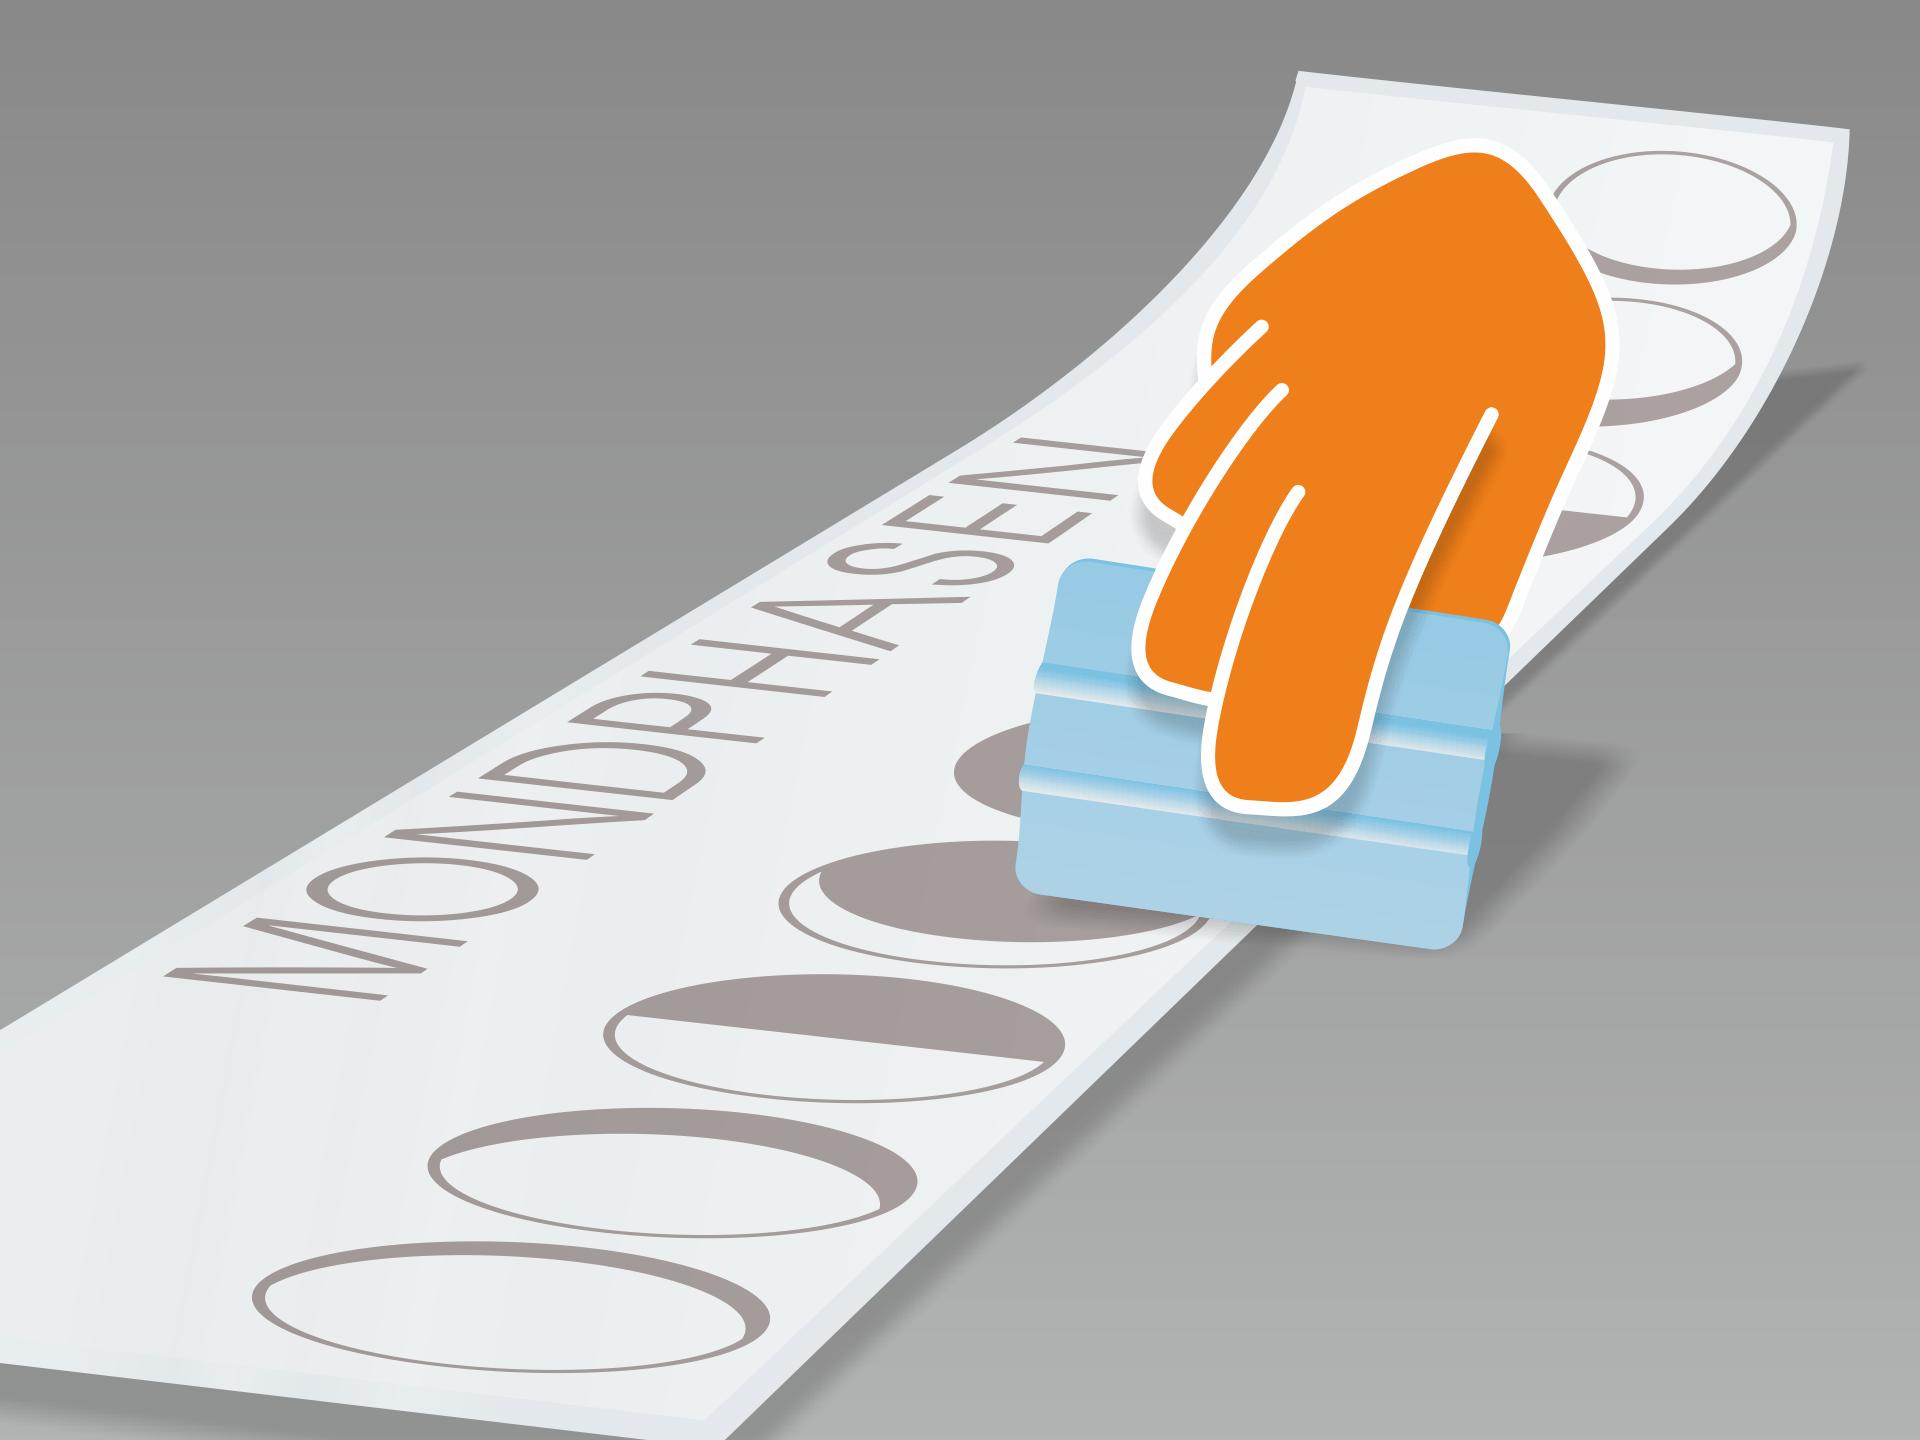 Wanddesign flach auf glattem Untergrund ausrollen und mit Rakel (oder Scheckkarte) fest über Vor- und Rückseite streichen.